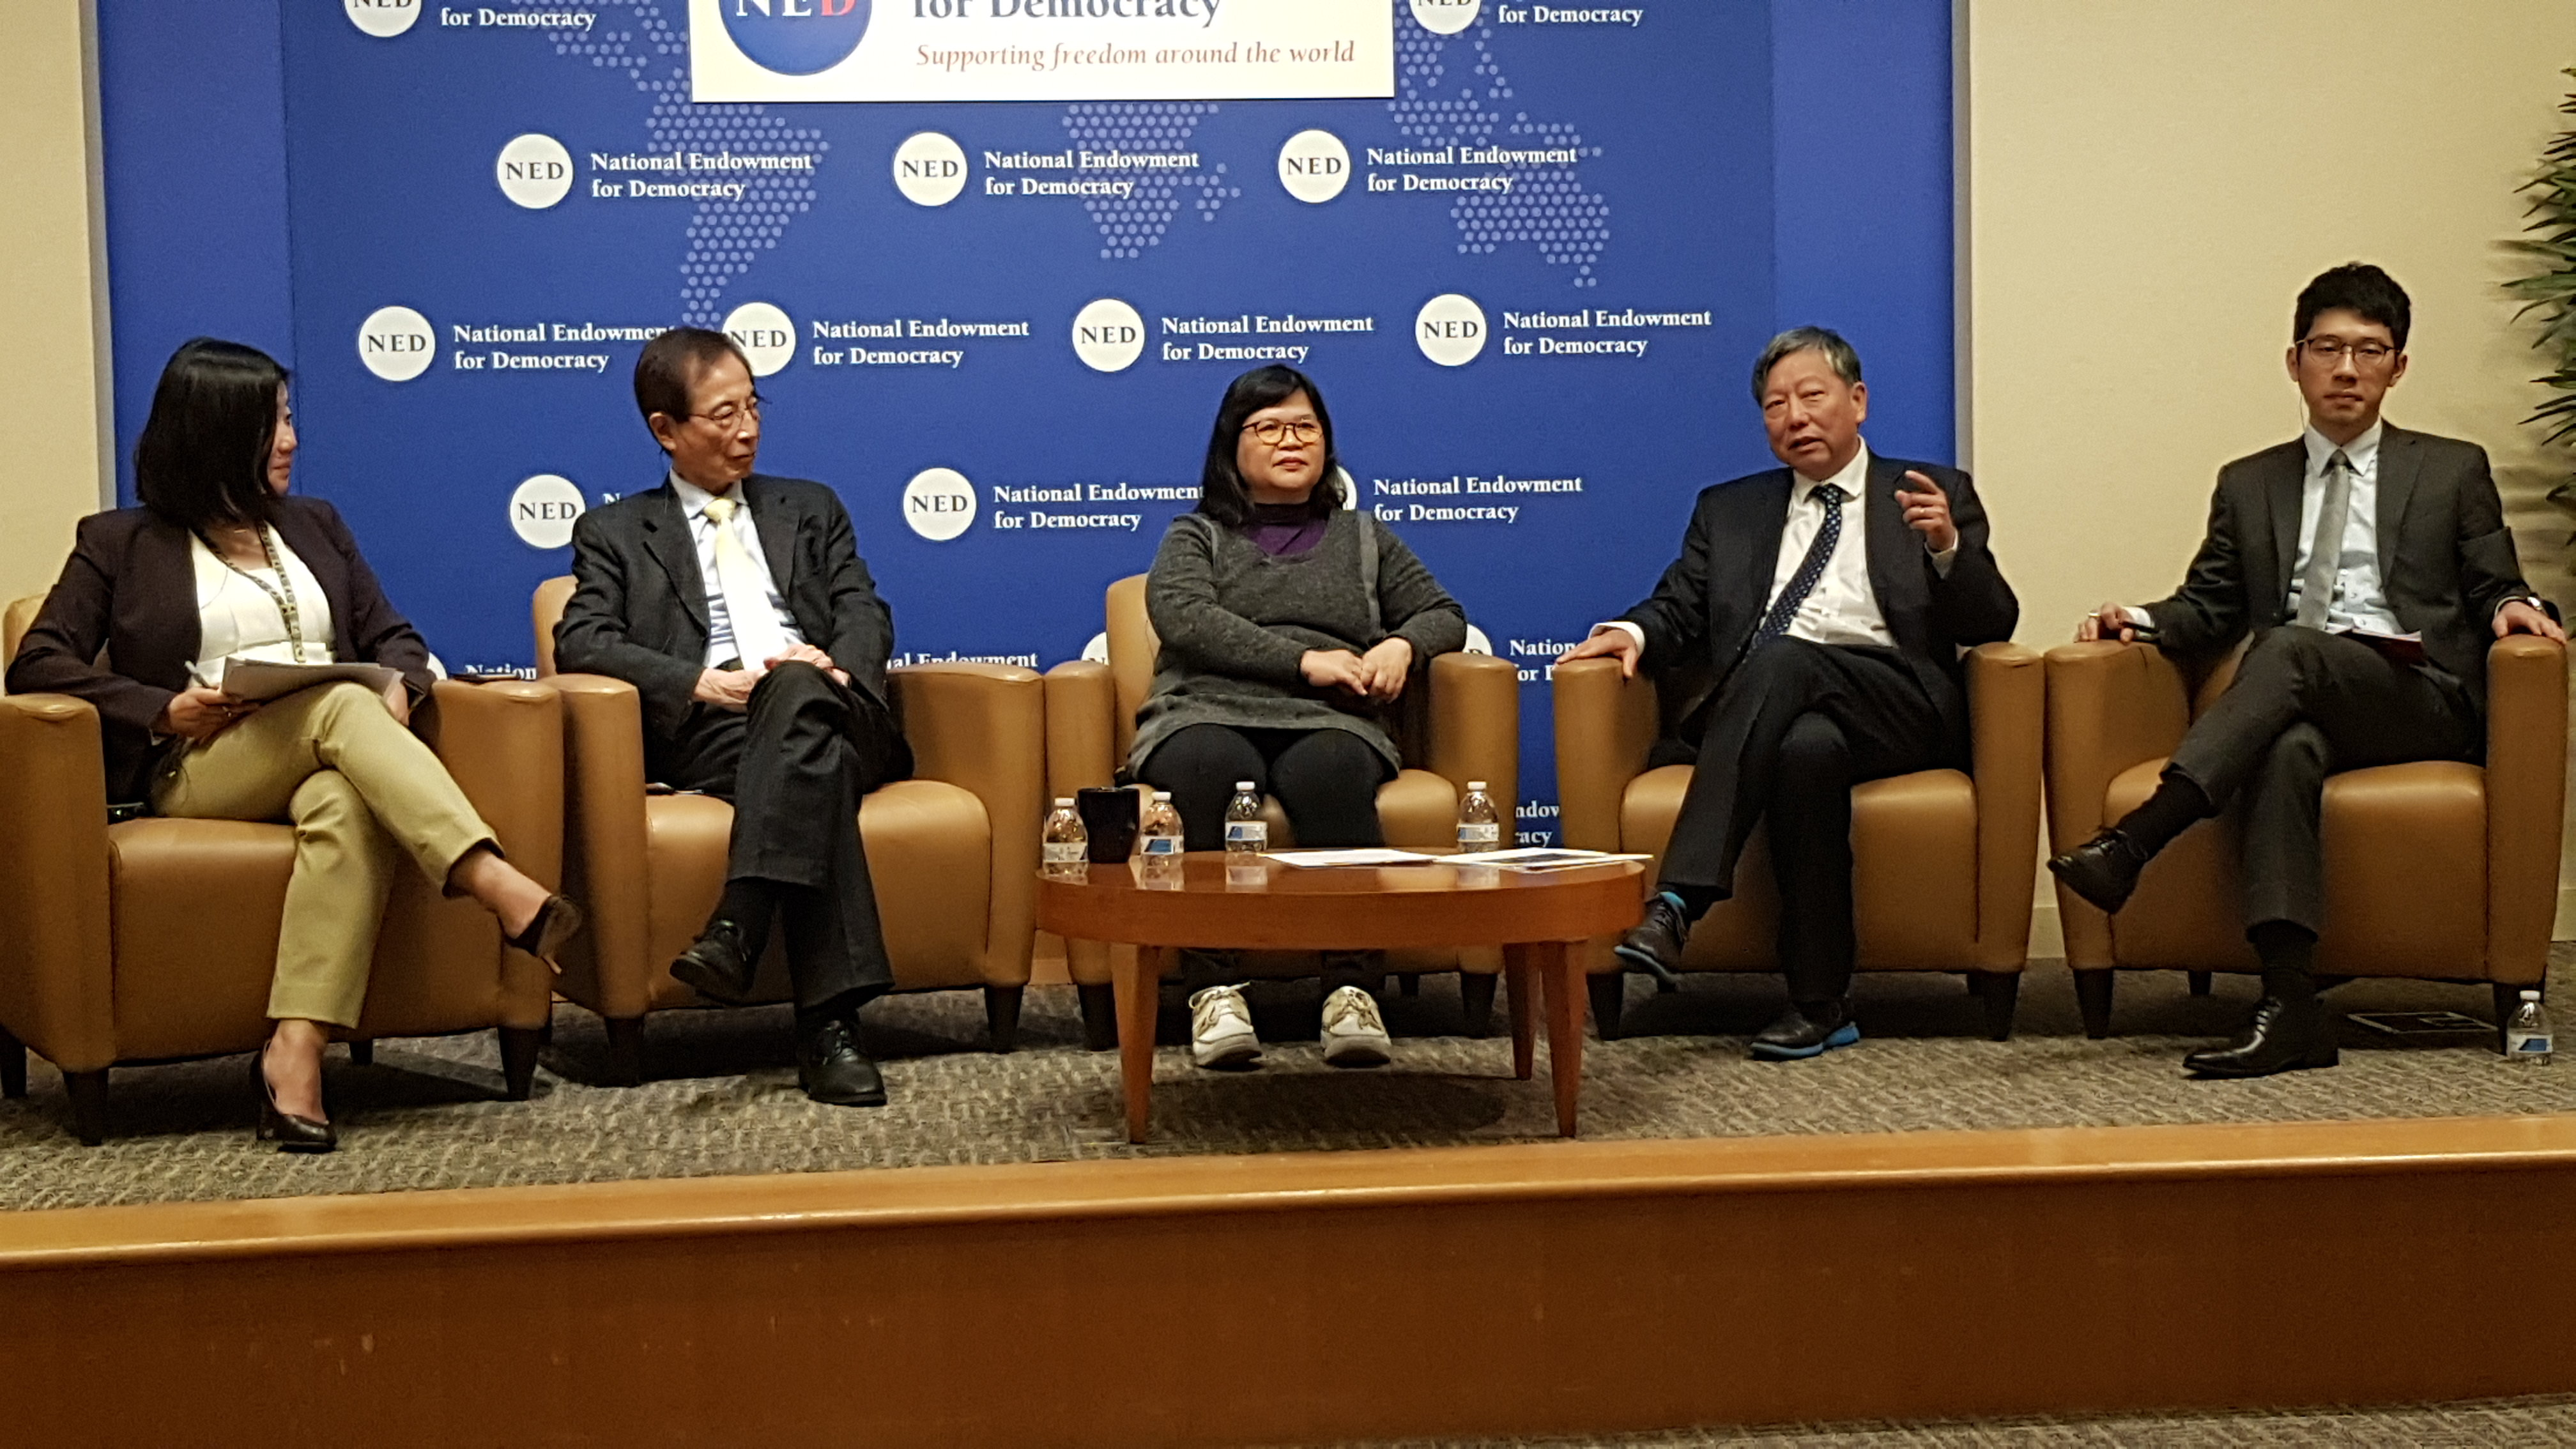 代表团成员包括香港众志创党主席罗冠聪、香港支联会前主席李卓人、香港记者协会前主席麦燕庭等人。(记者家傲摄)